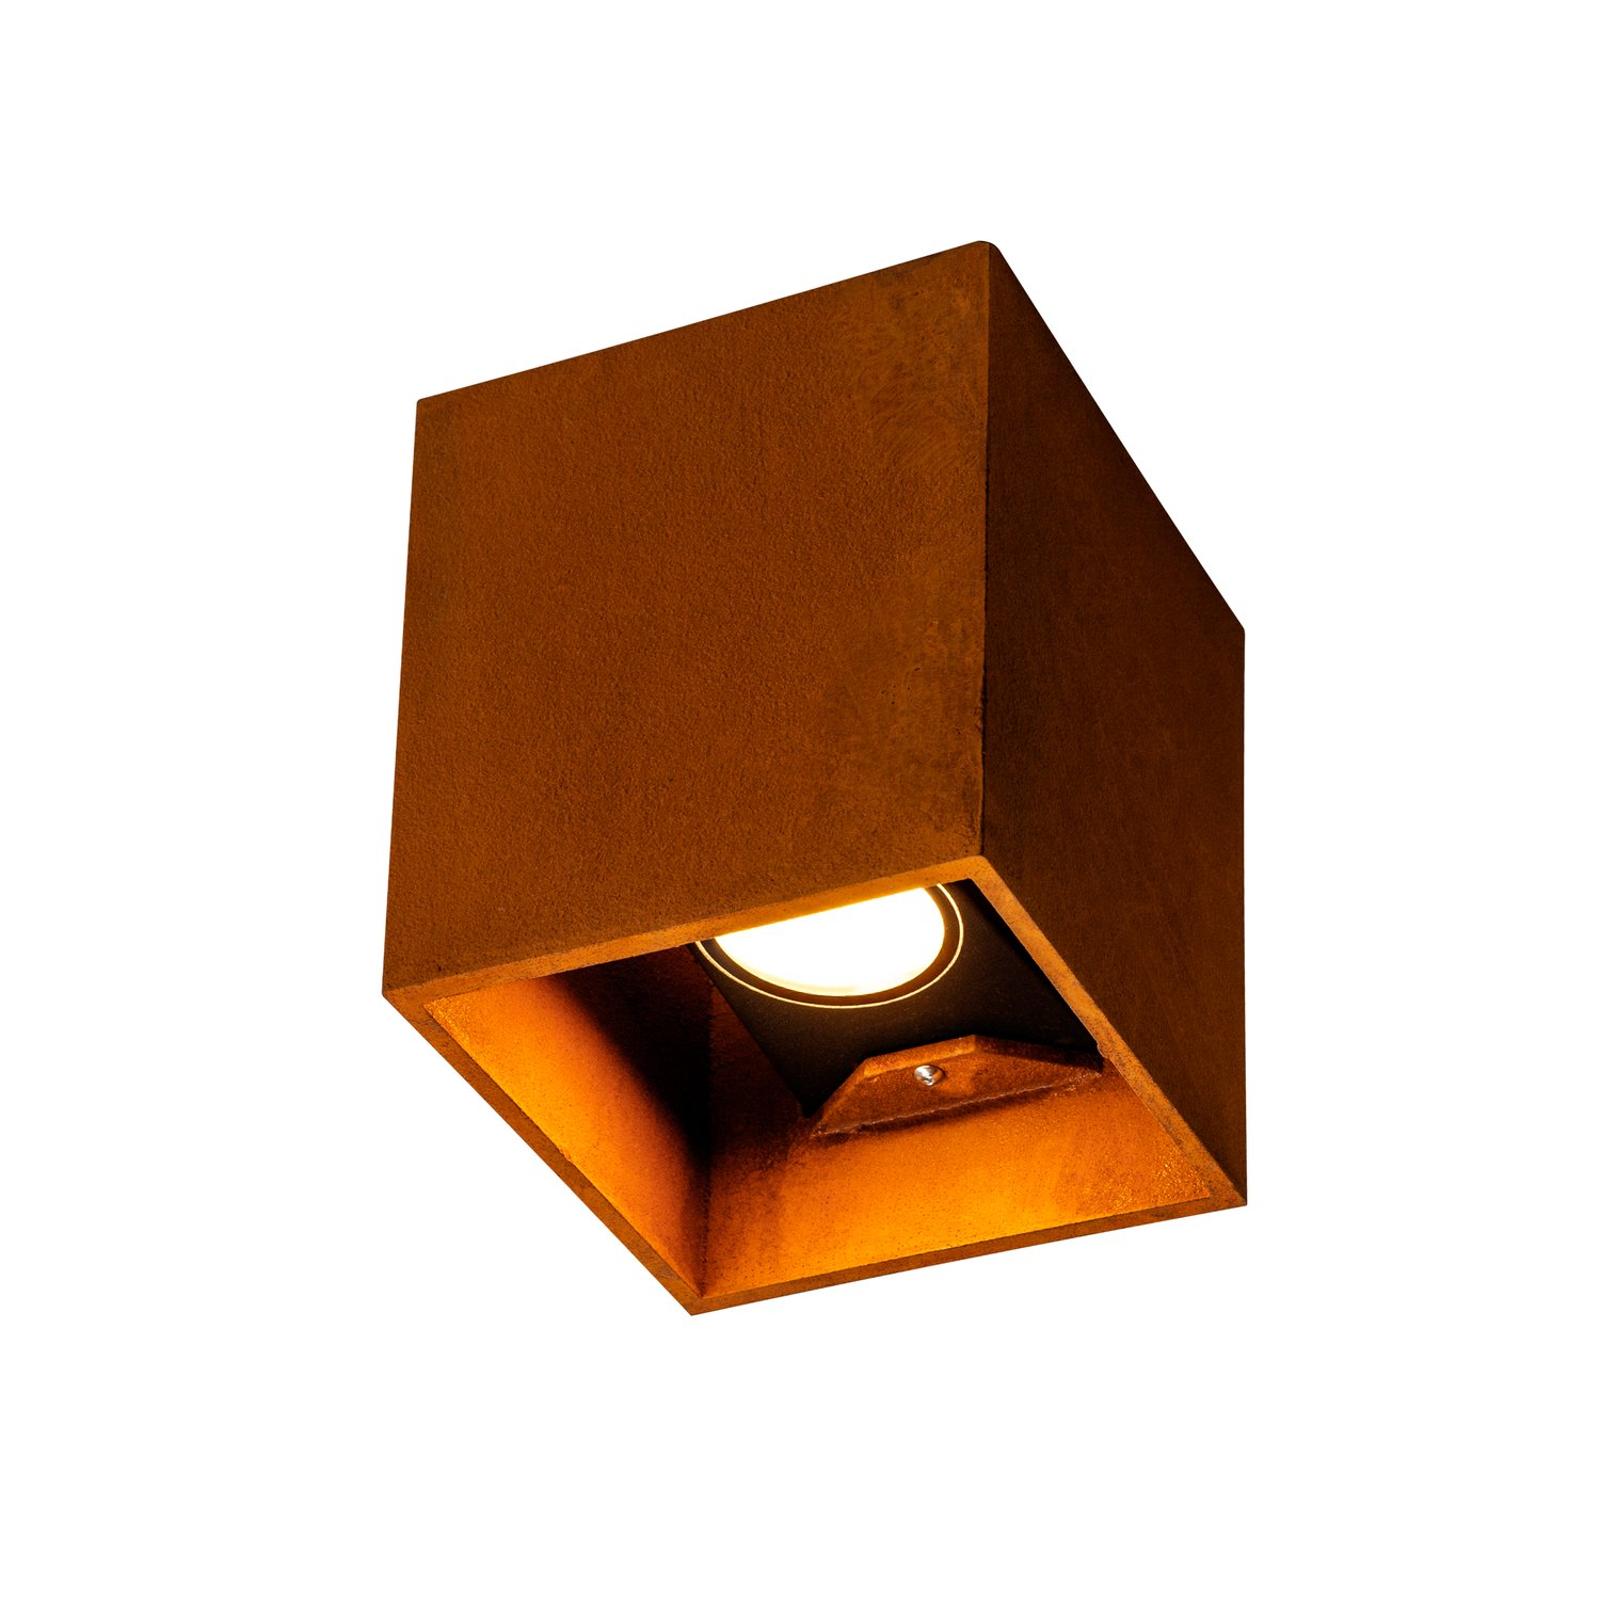 SLV Rusty applique ext LED up/down parallélépipède